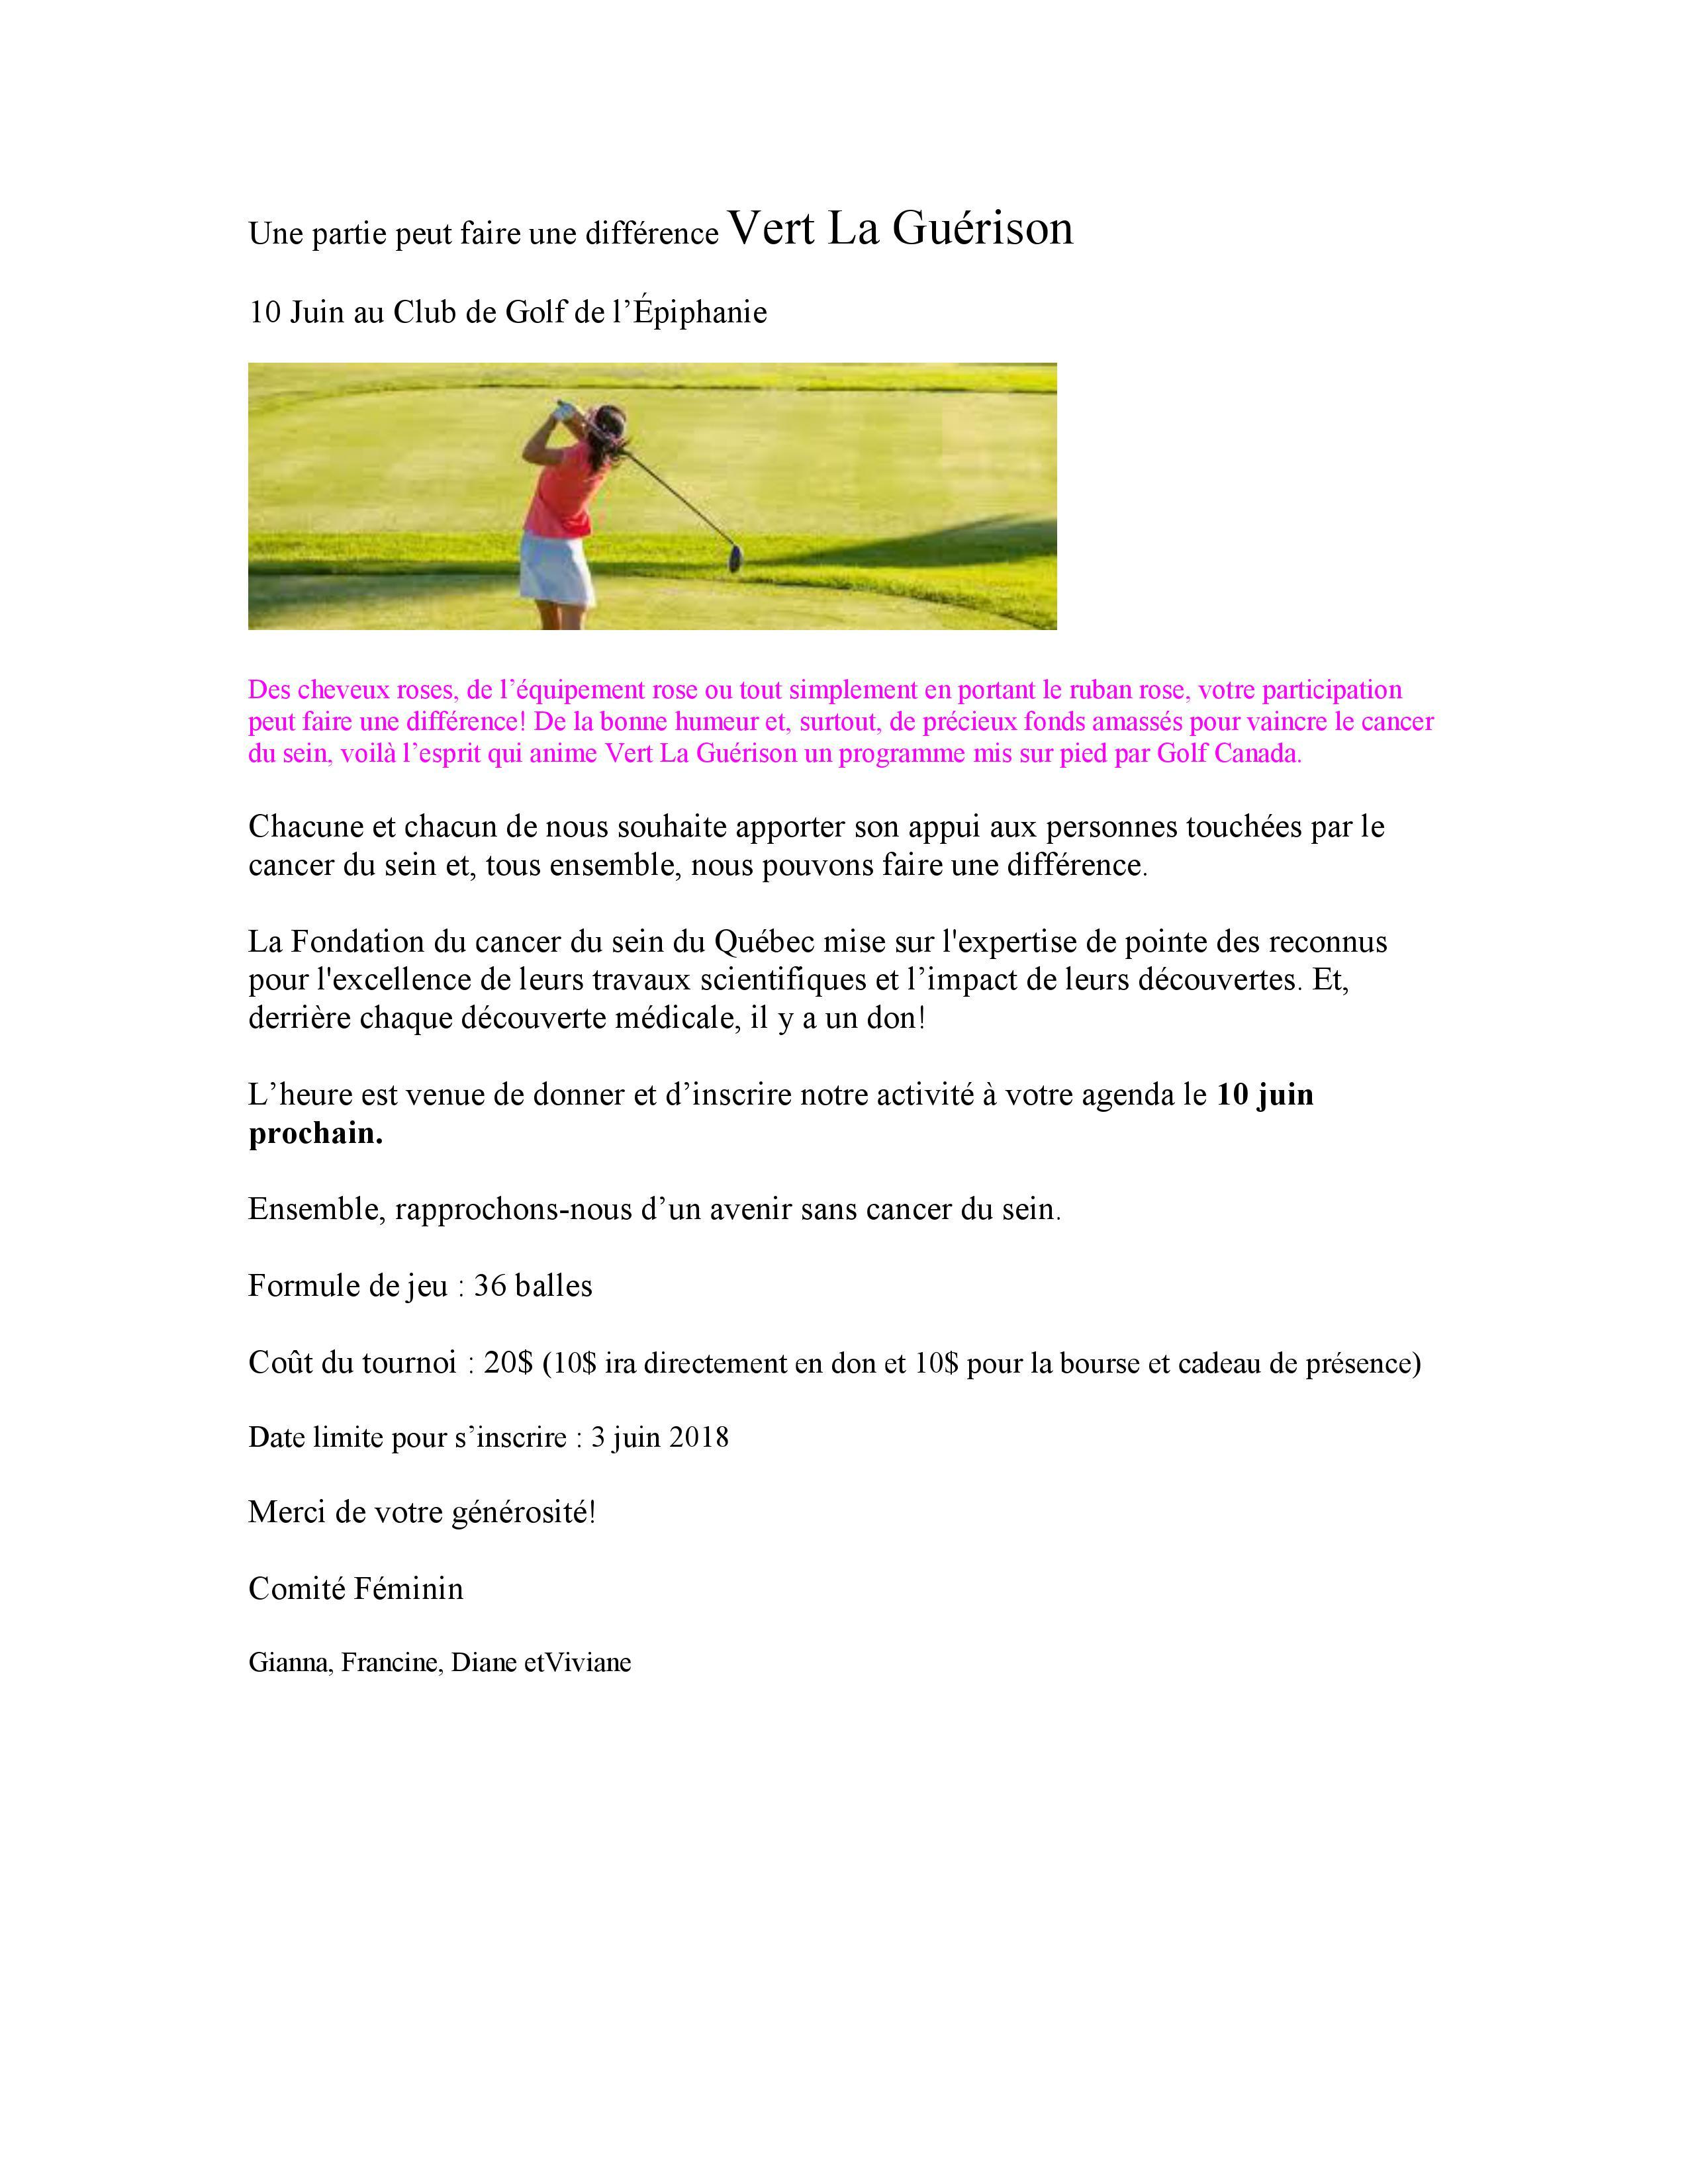 Accueil - Club de Golf de L'Épiphanie